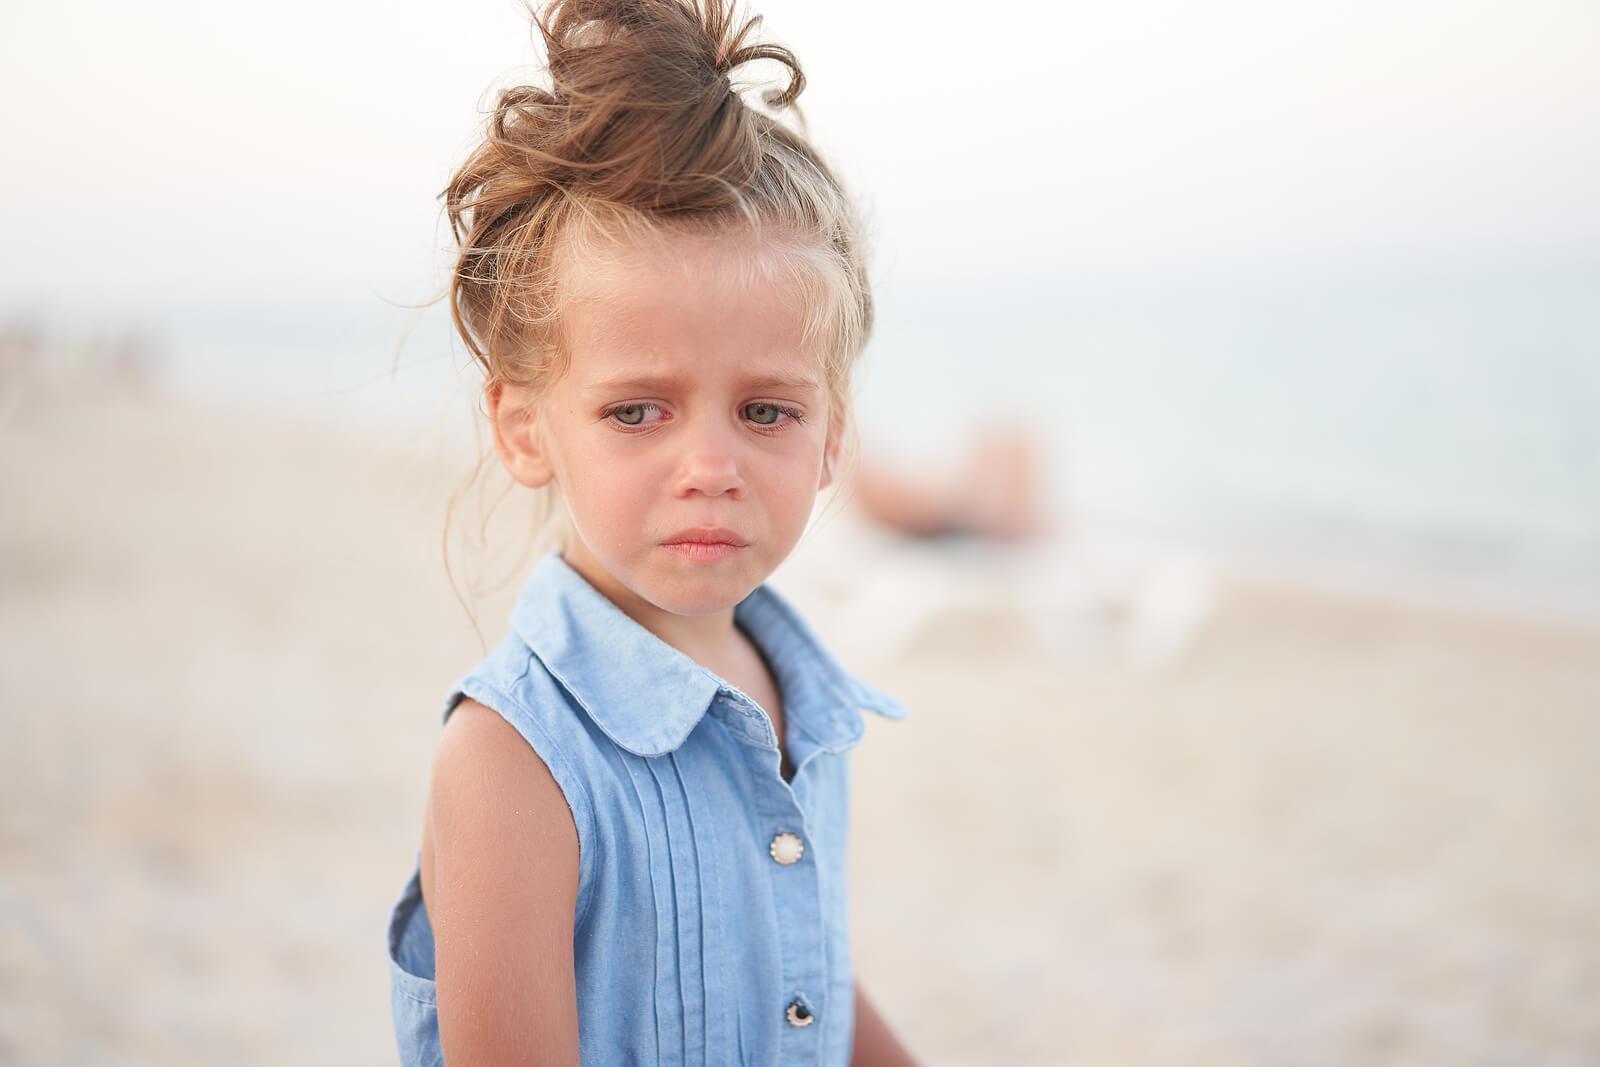 Niña llorando en la playa porque a sus padres les cuesta reconocer cuando un niño está triste.